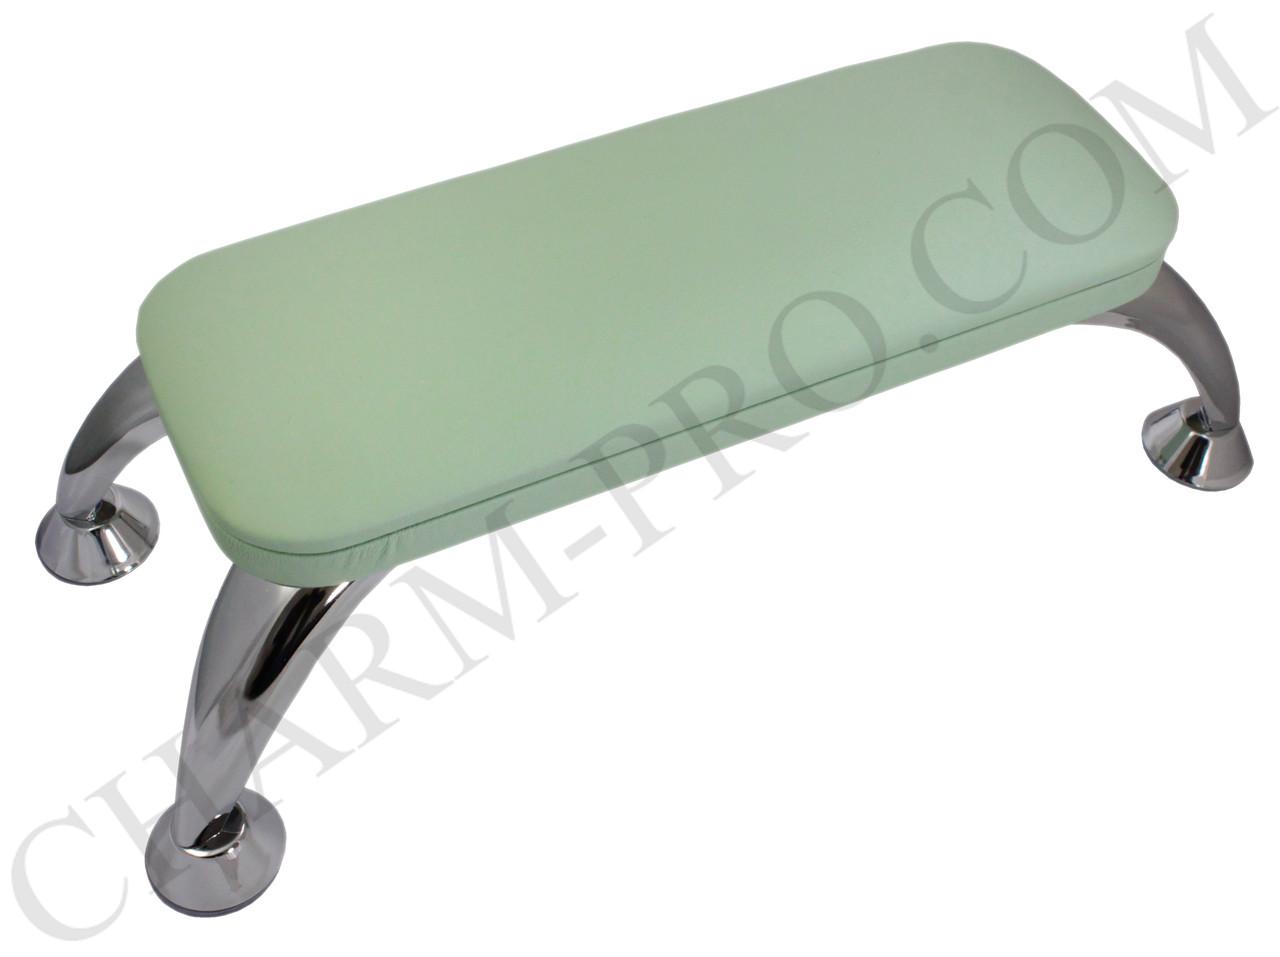 Манікюрна підставка для рук (Підлокітник) Зелений на ніжках